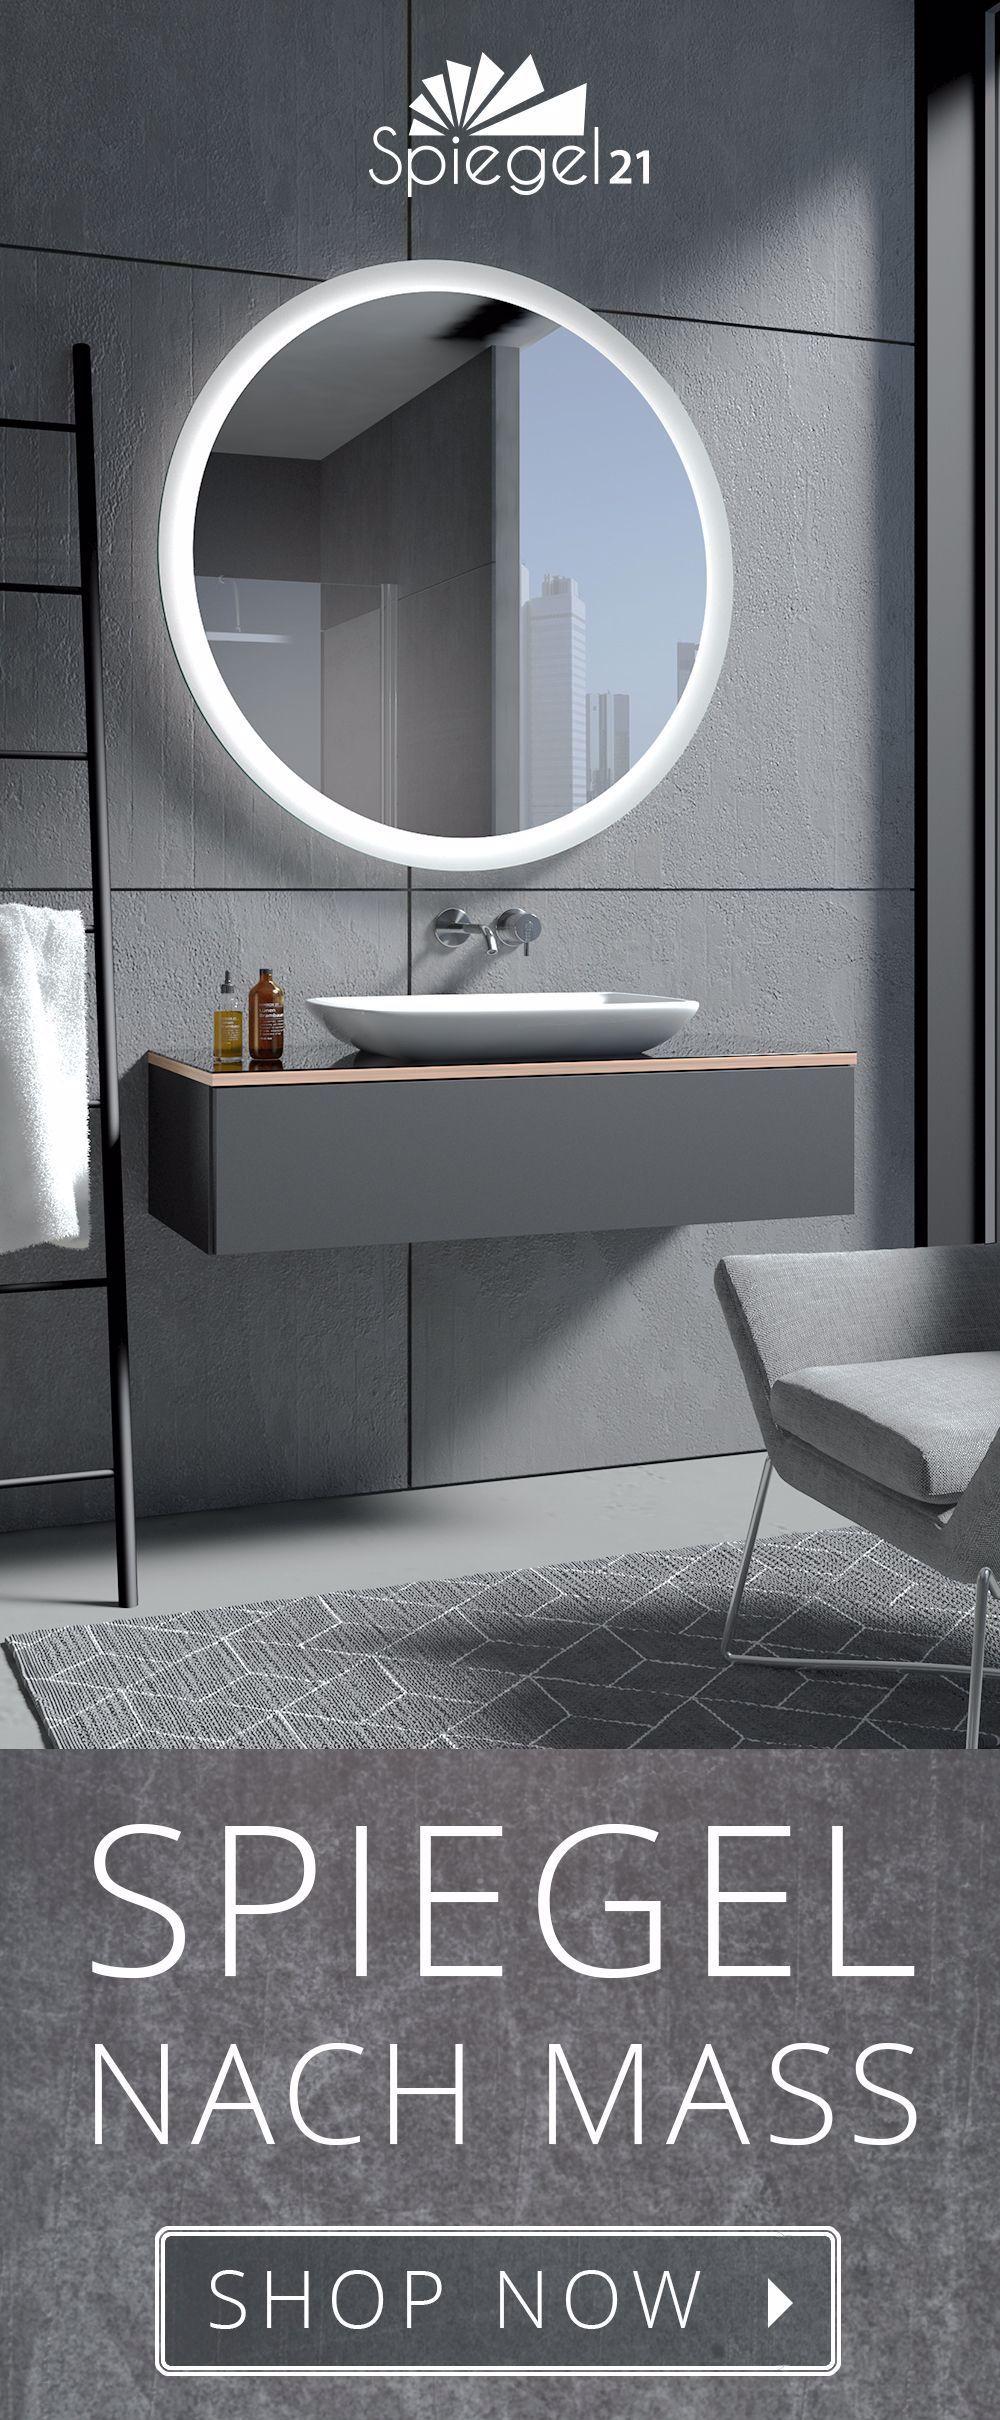 Runder Badspiegel Charon Ab 40 Cm Bis 120 Cm Durchmesser Spiegel Nach Mass Mit Lichtstarker L In 2020 Round Mirror Bathroom Bathroom Mirror Lights Bathroom Mirror